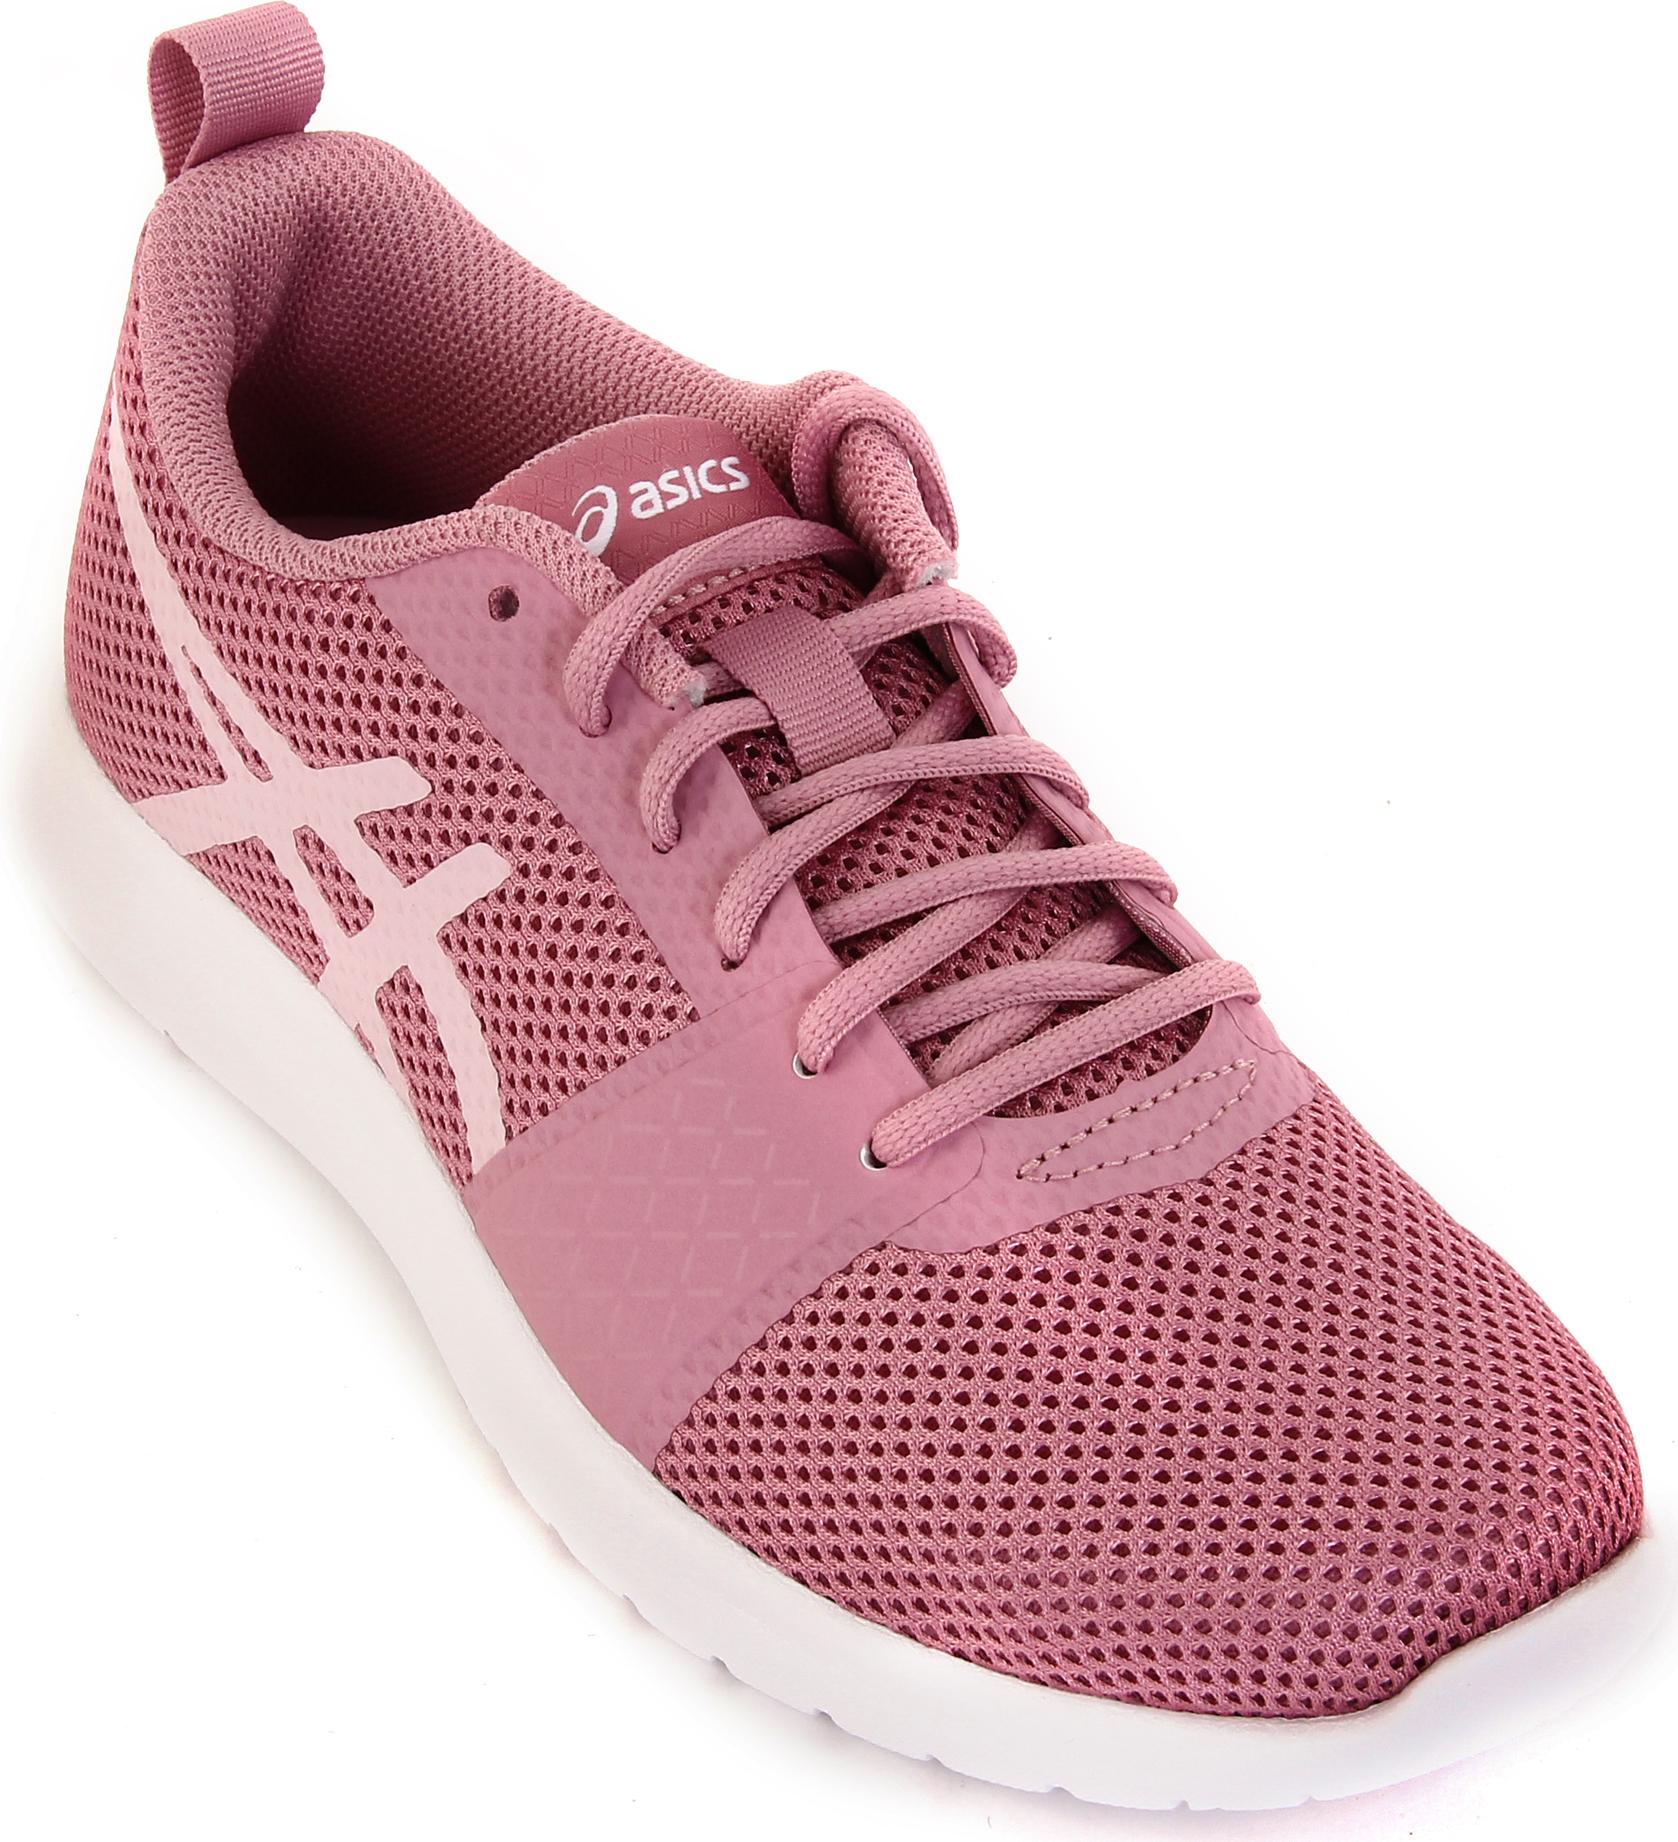 Кроссовки женские Asics Kanmei MX, цвет: розовый. T899N-2020. Размер 5H (34,5)T899N-2020Если вам необходима универсальная обувь для тренировок, Asics Kanmei MX – ваш выбор. Эту стильную модель с тканевым верхом и бесшовными верхними слоями можно носить каждый день, так как она отличается легкостью и воздухопроницаемостью.Промежуточная подошва EVA придает минималистскому дизайну форму и функциональность, а классический фирменный логотип делает модель стильной.